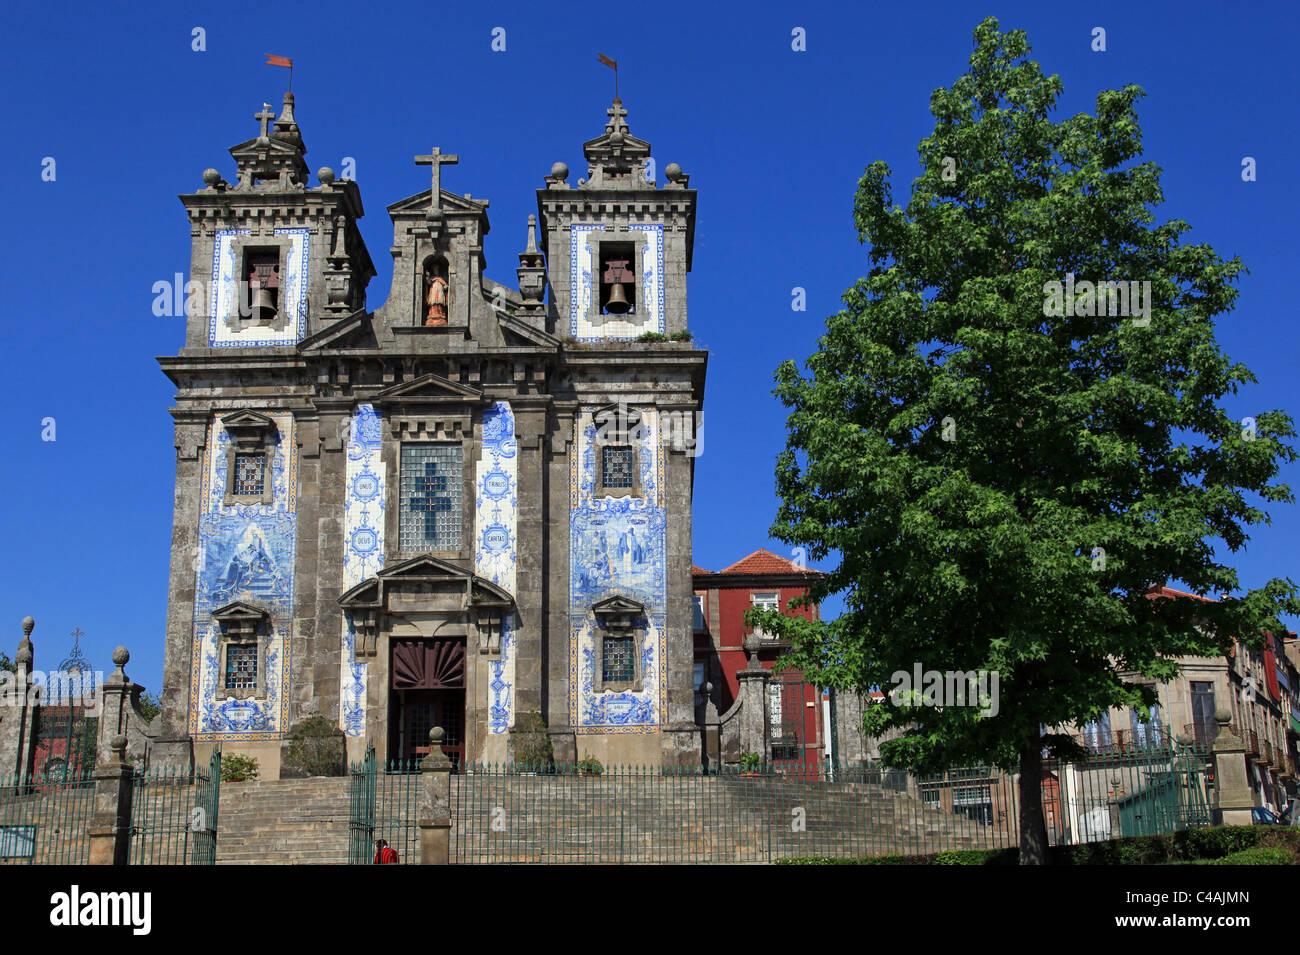 Igreja de Santo Ildefonso church, Porto, Portugal - Stock Image